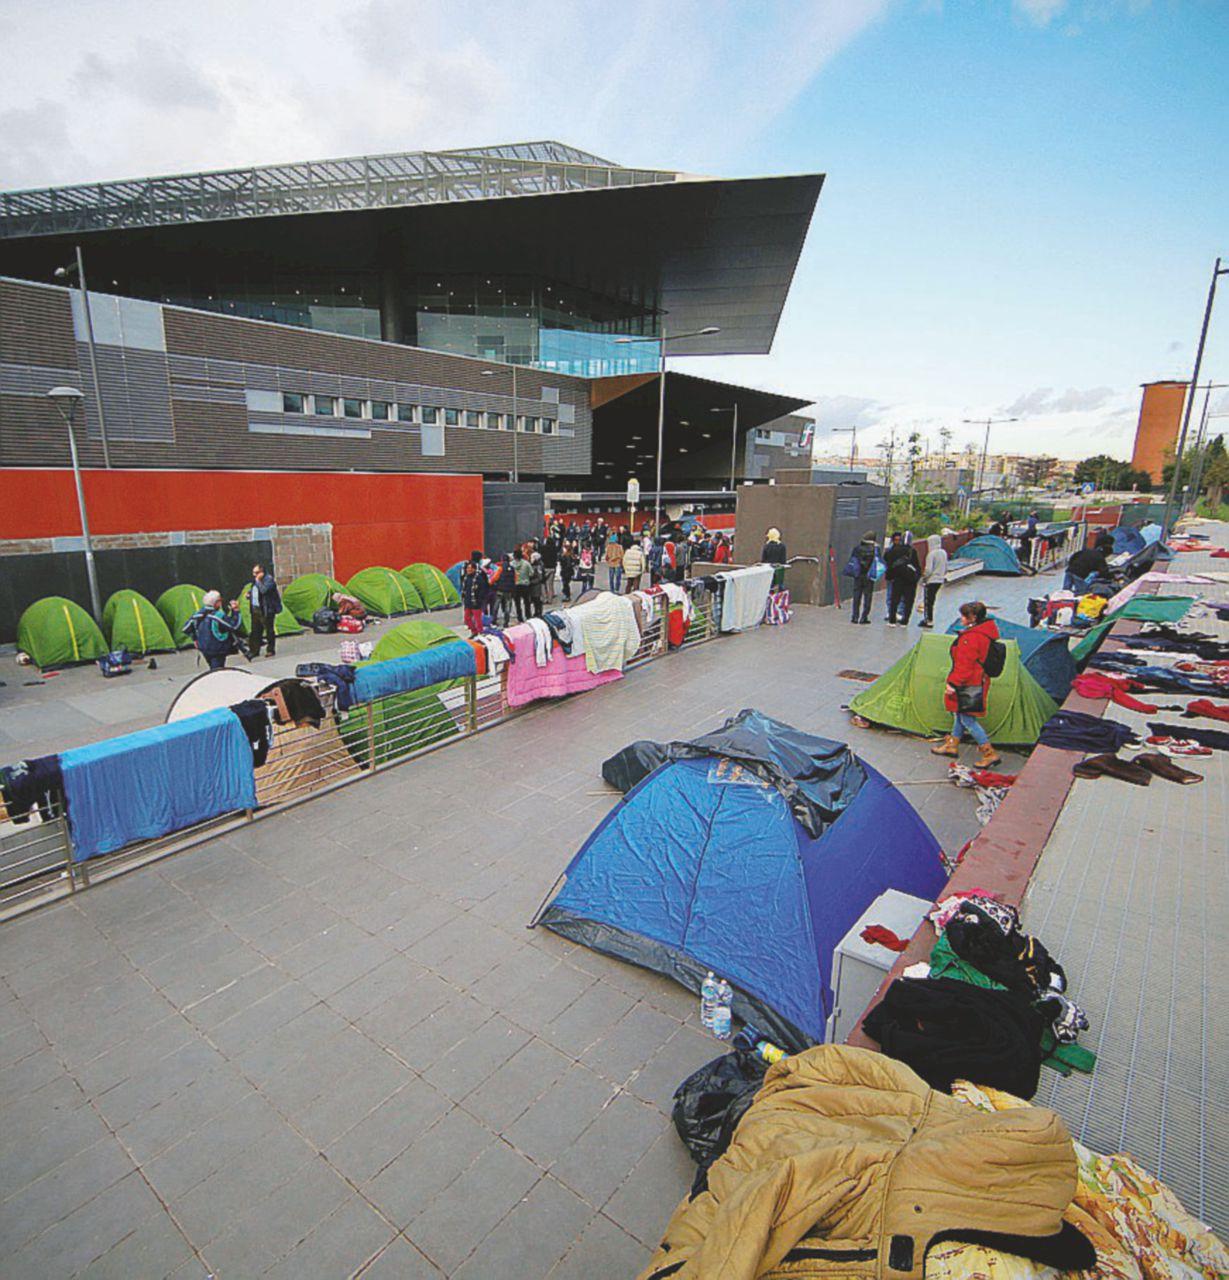 Roma città all'aperto, multe e sgomberi per i migranti